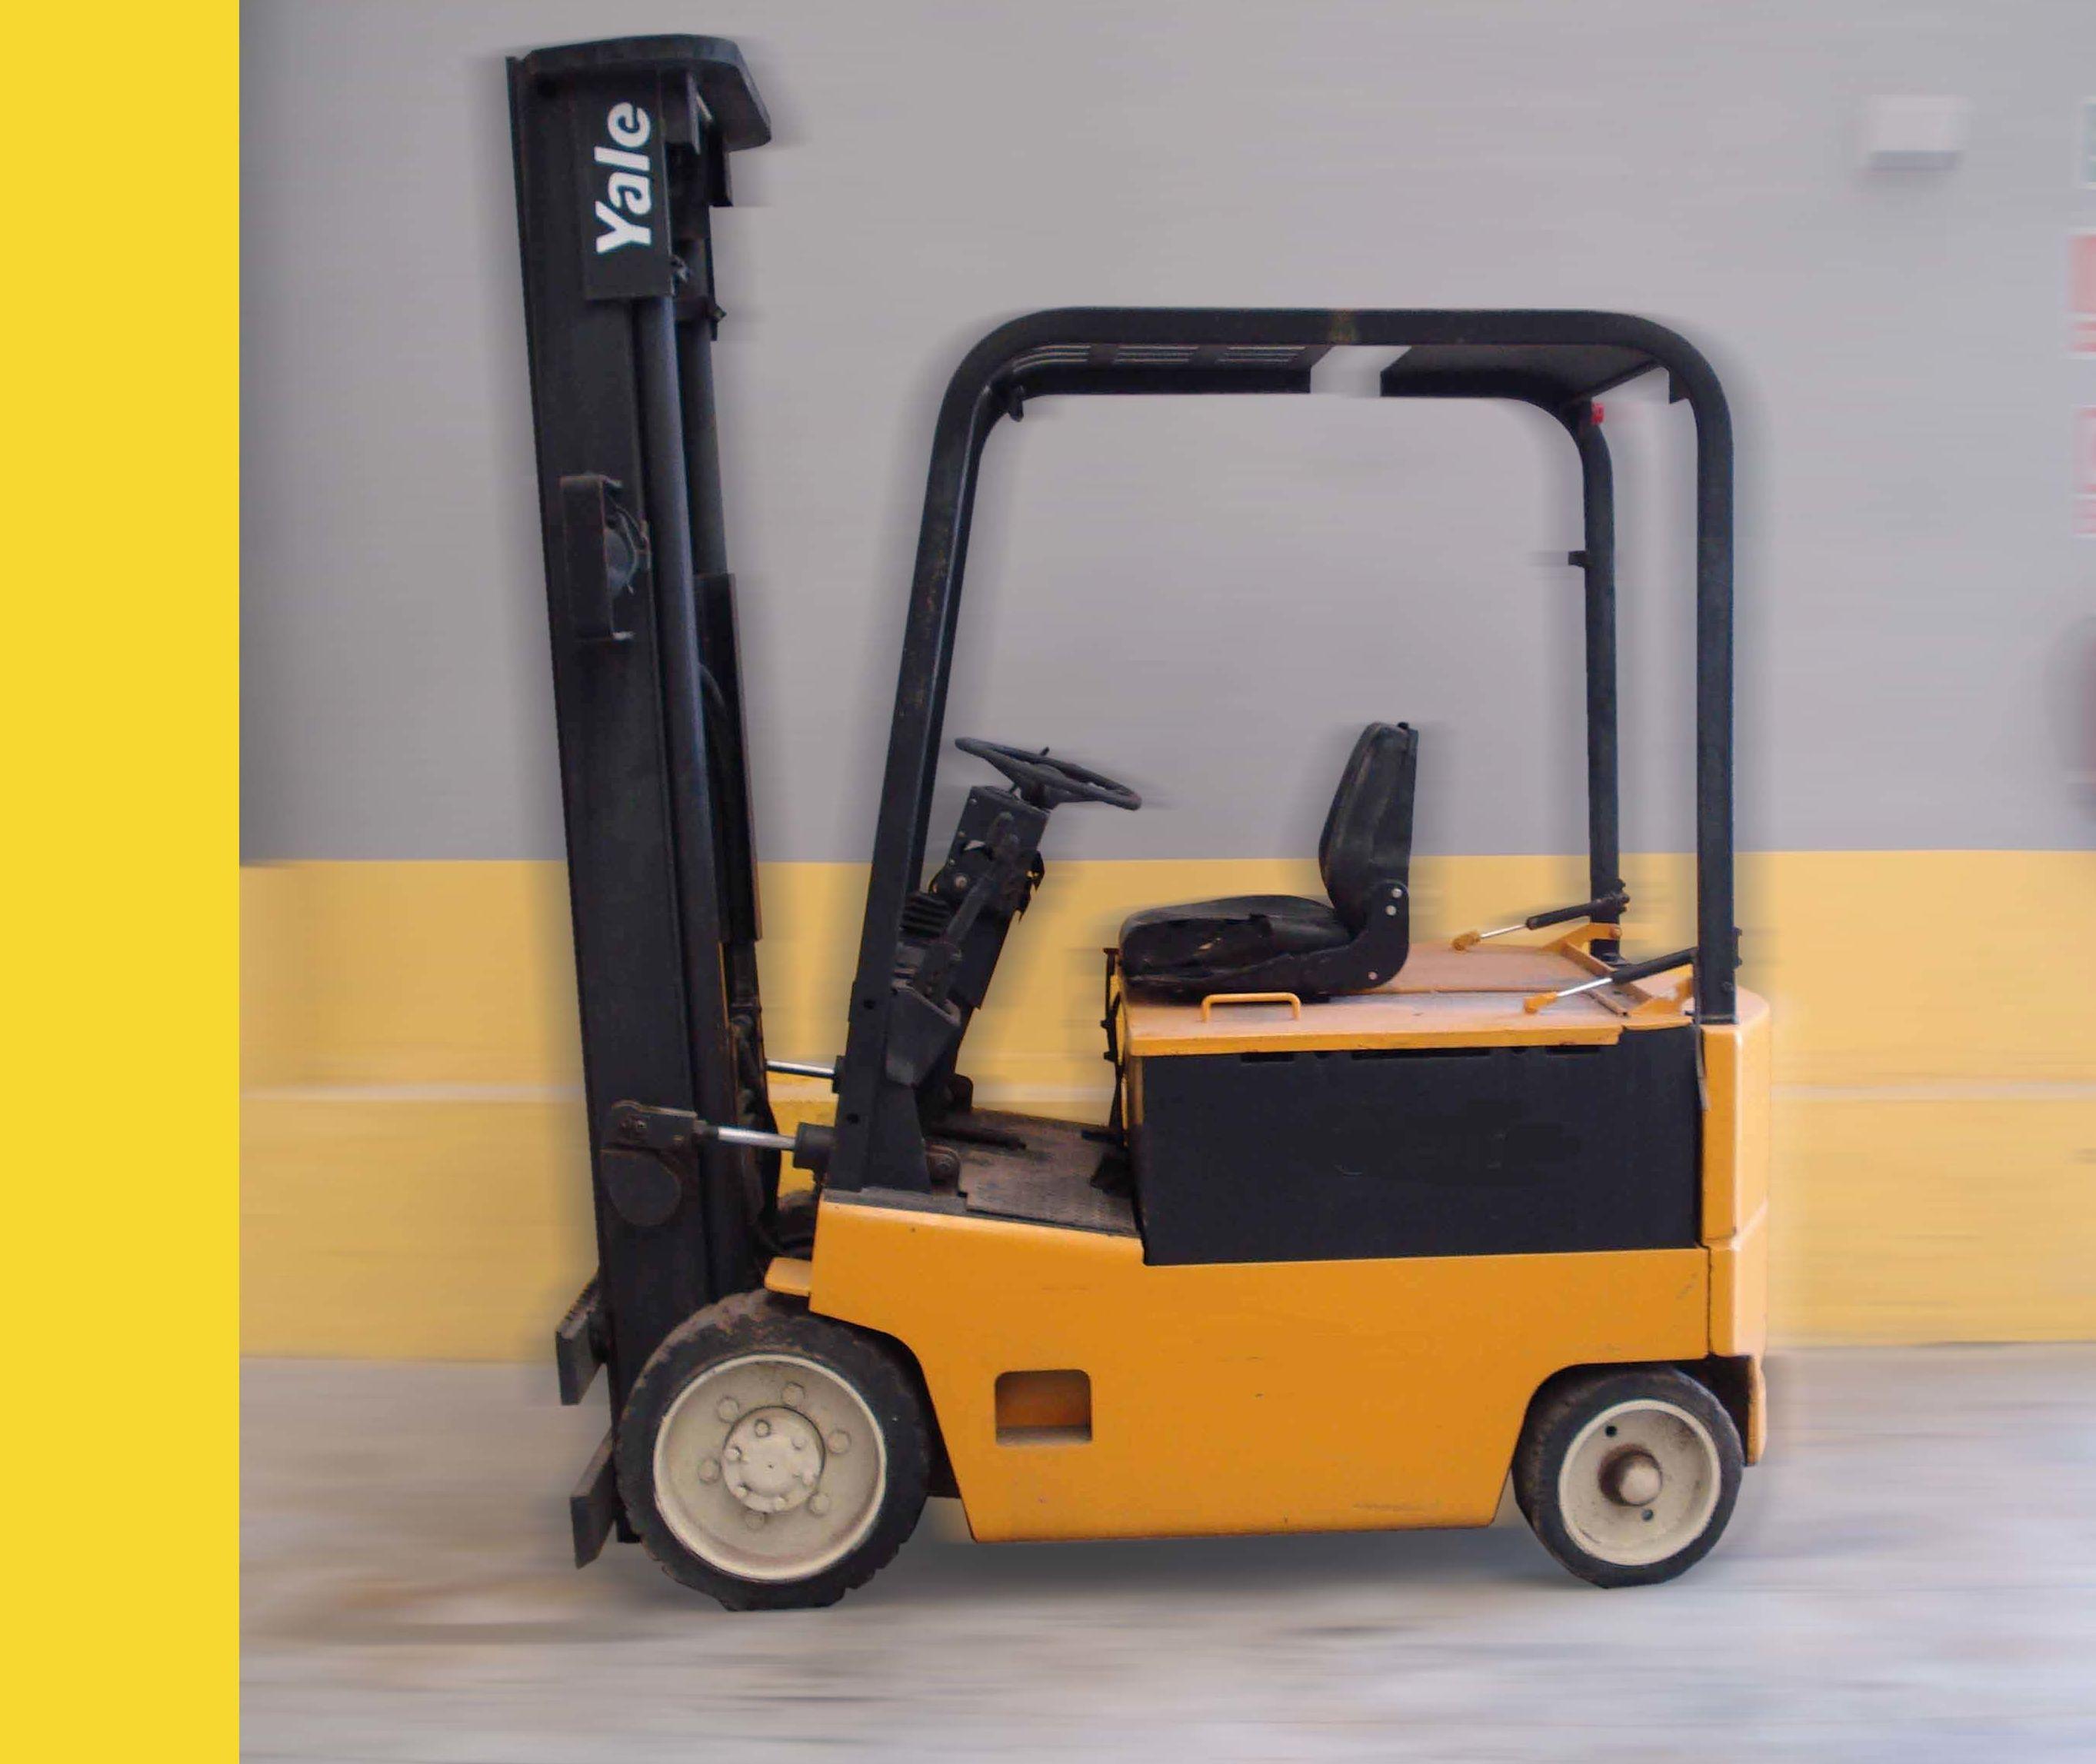 Carretilla eléctrica YALE Nº 5232: Productos y servicios de Comercial Euroyen, S. L.